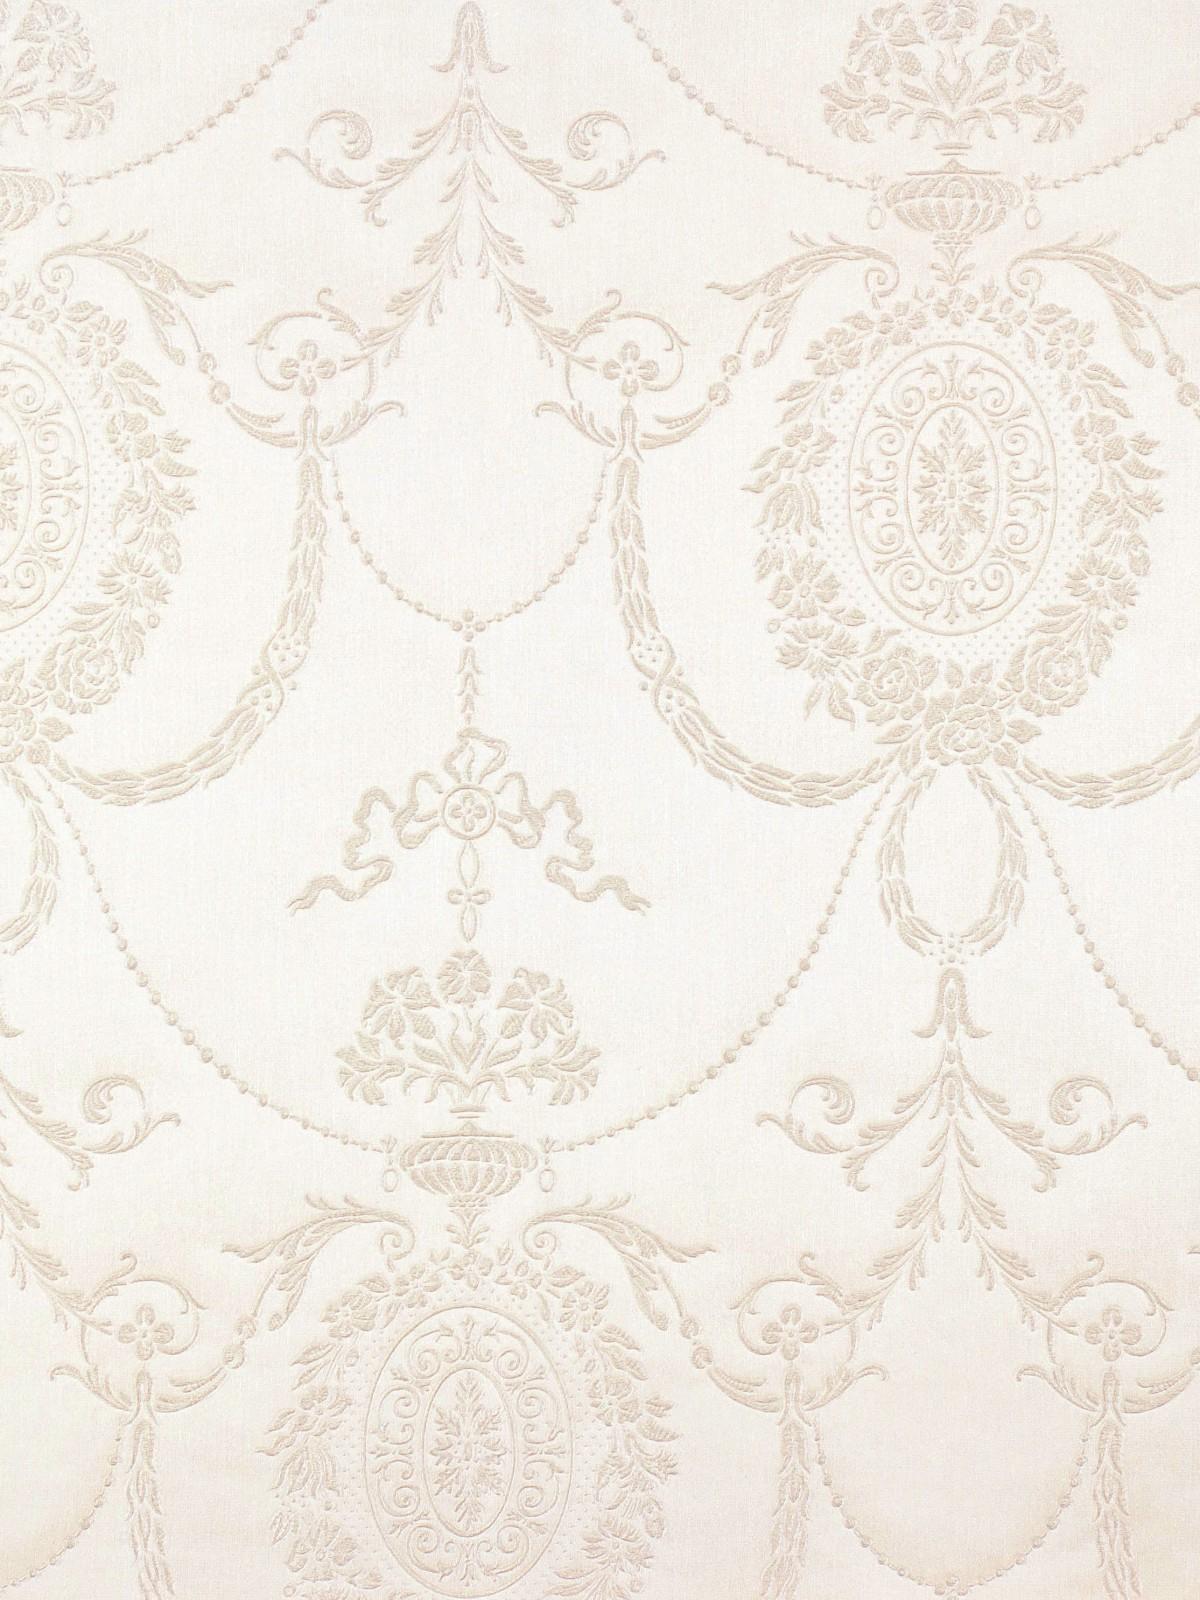 wallpaper rasch non woven wallpaper trianon 2015 ornament. Black Bedroom Furniture Sets. Home Design Ideas